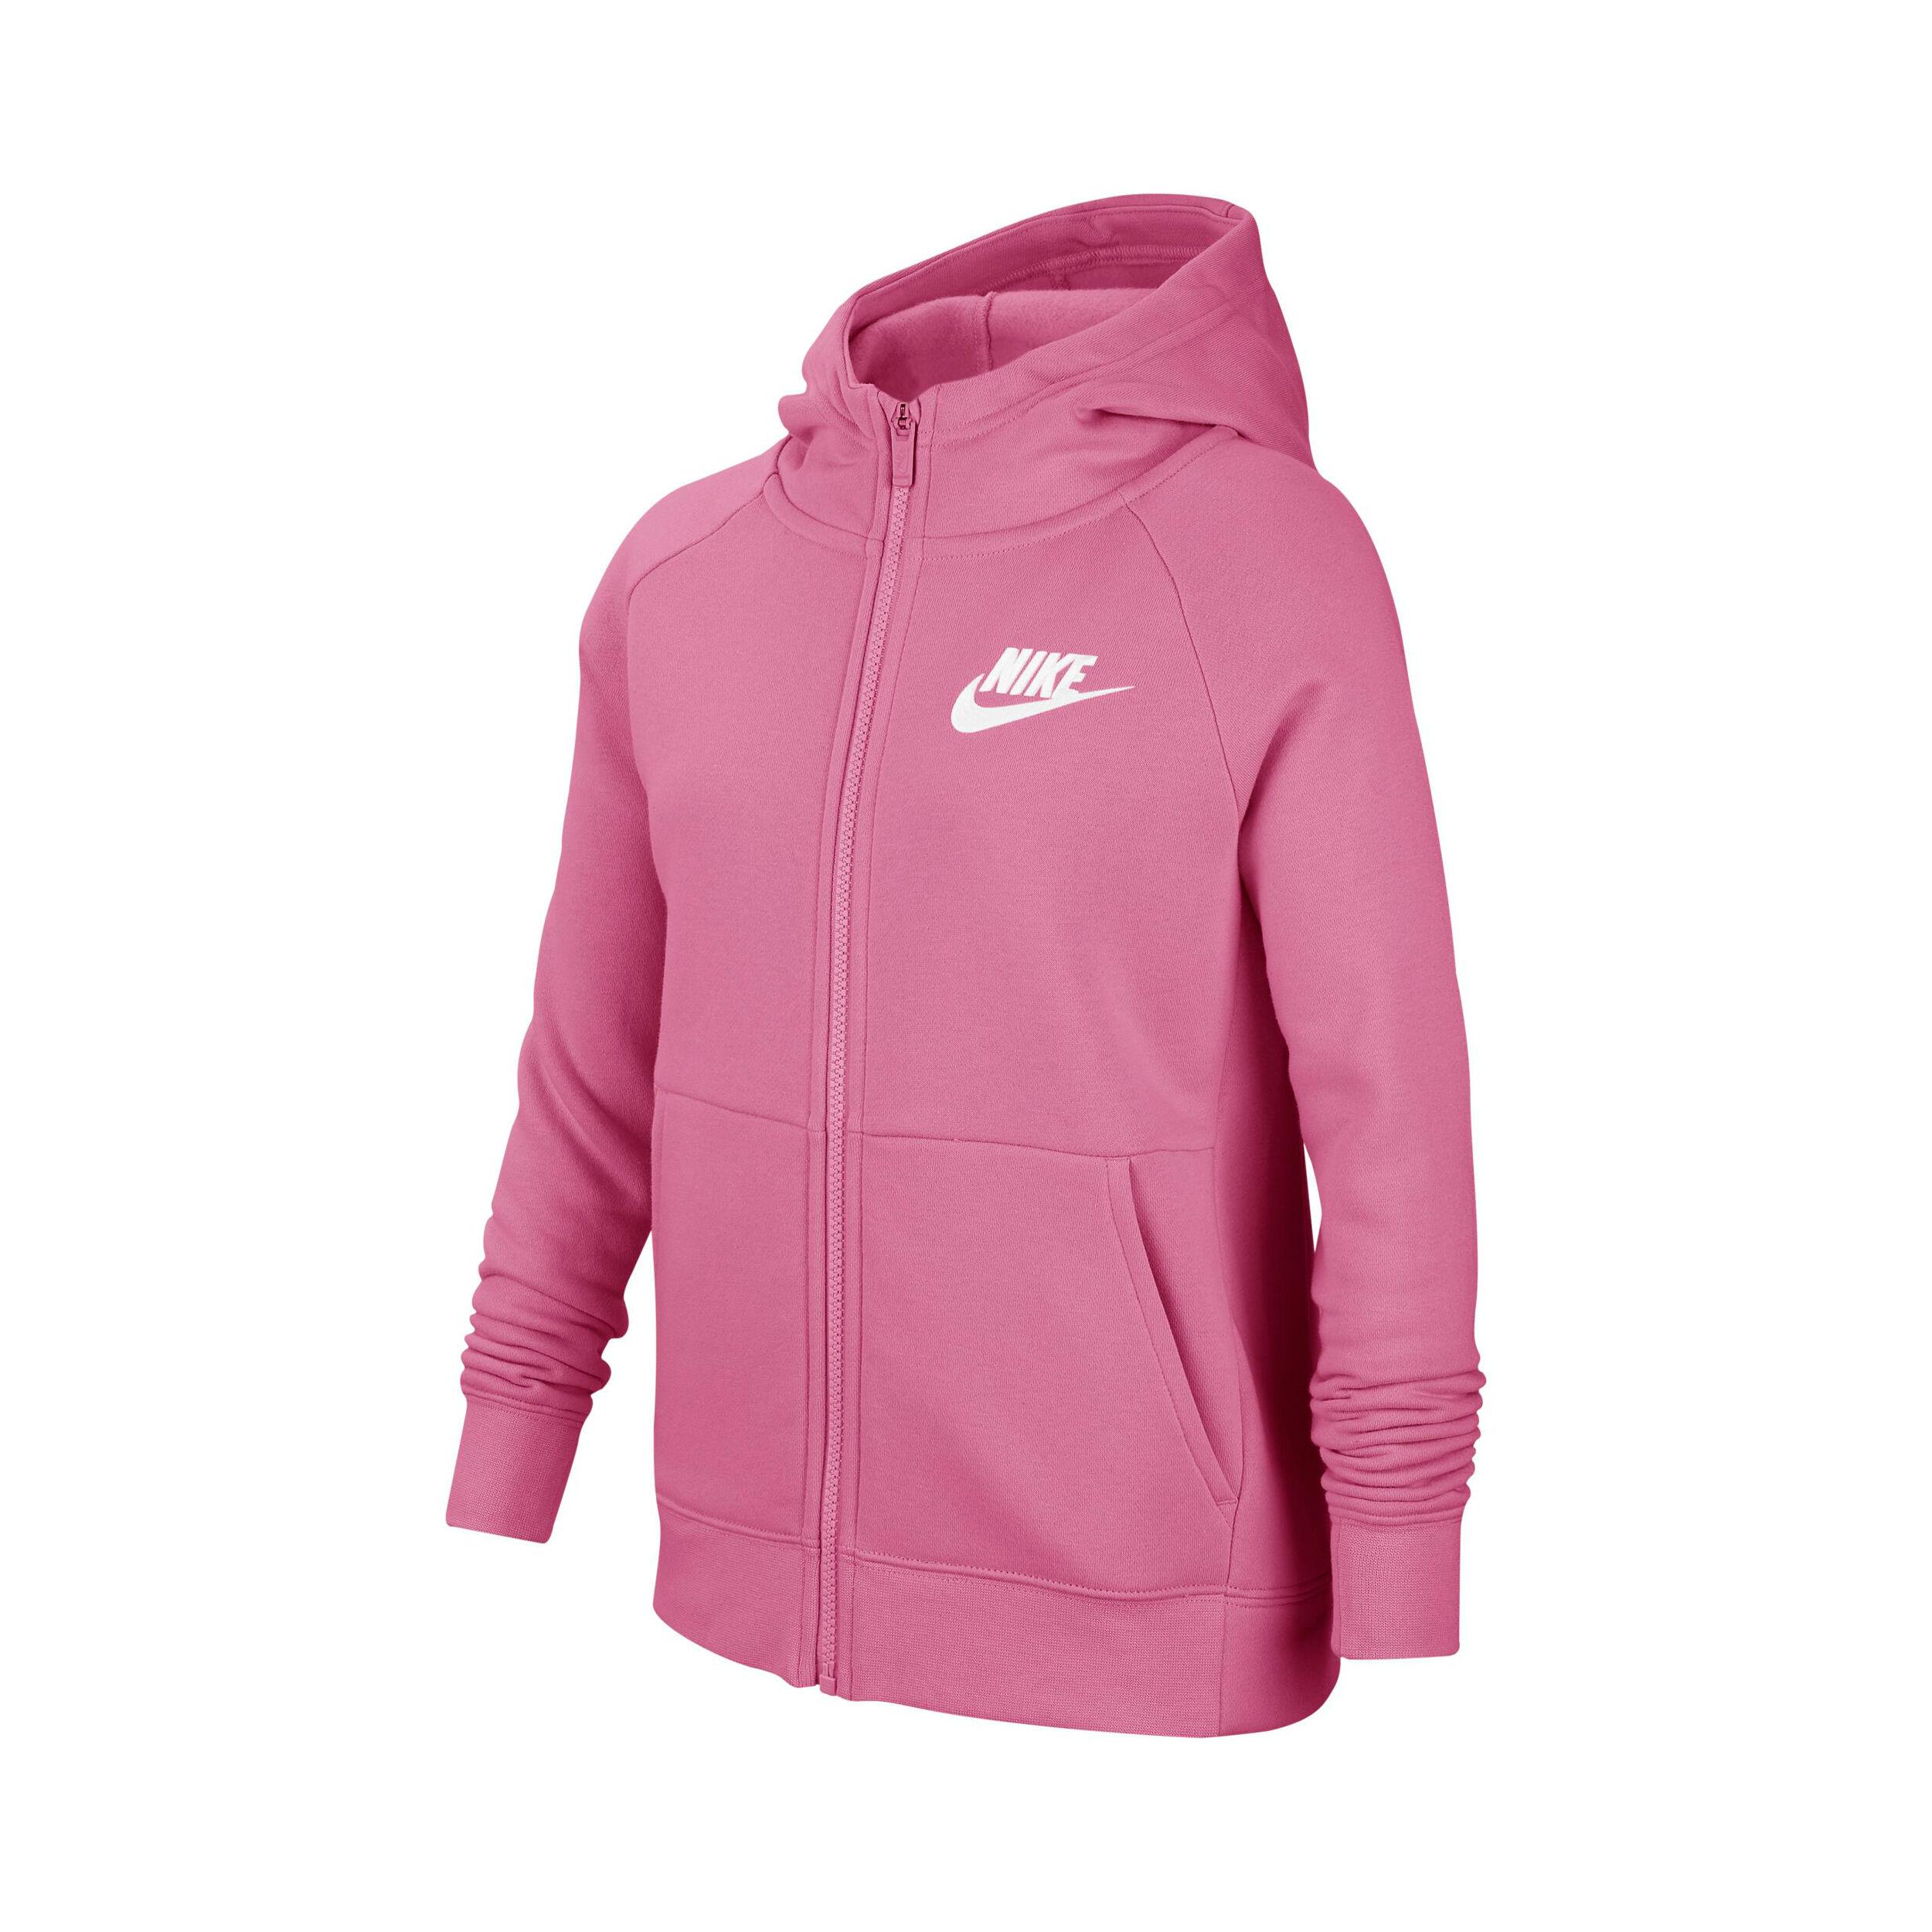 Nike Sportswear Sweatjacke Mädchen Rosa, Weiß